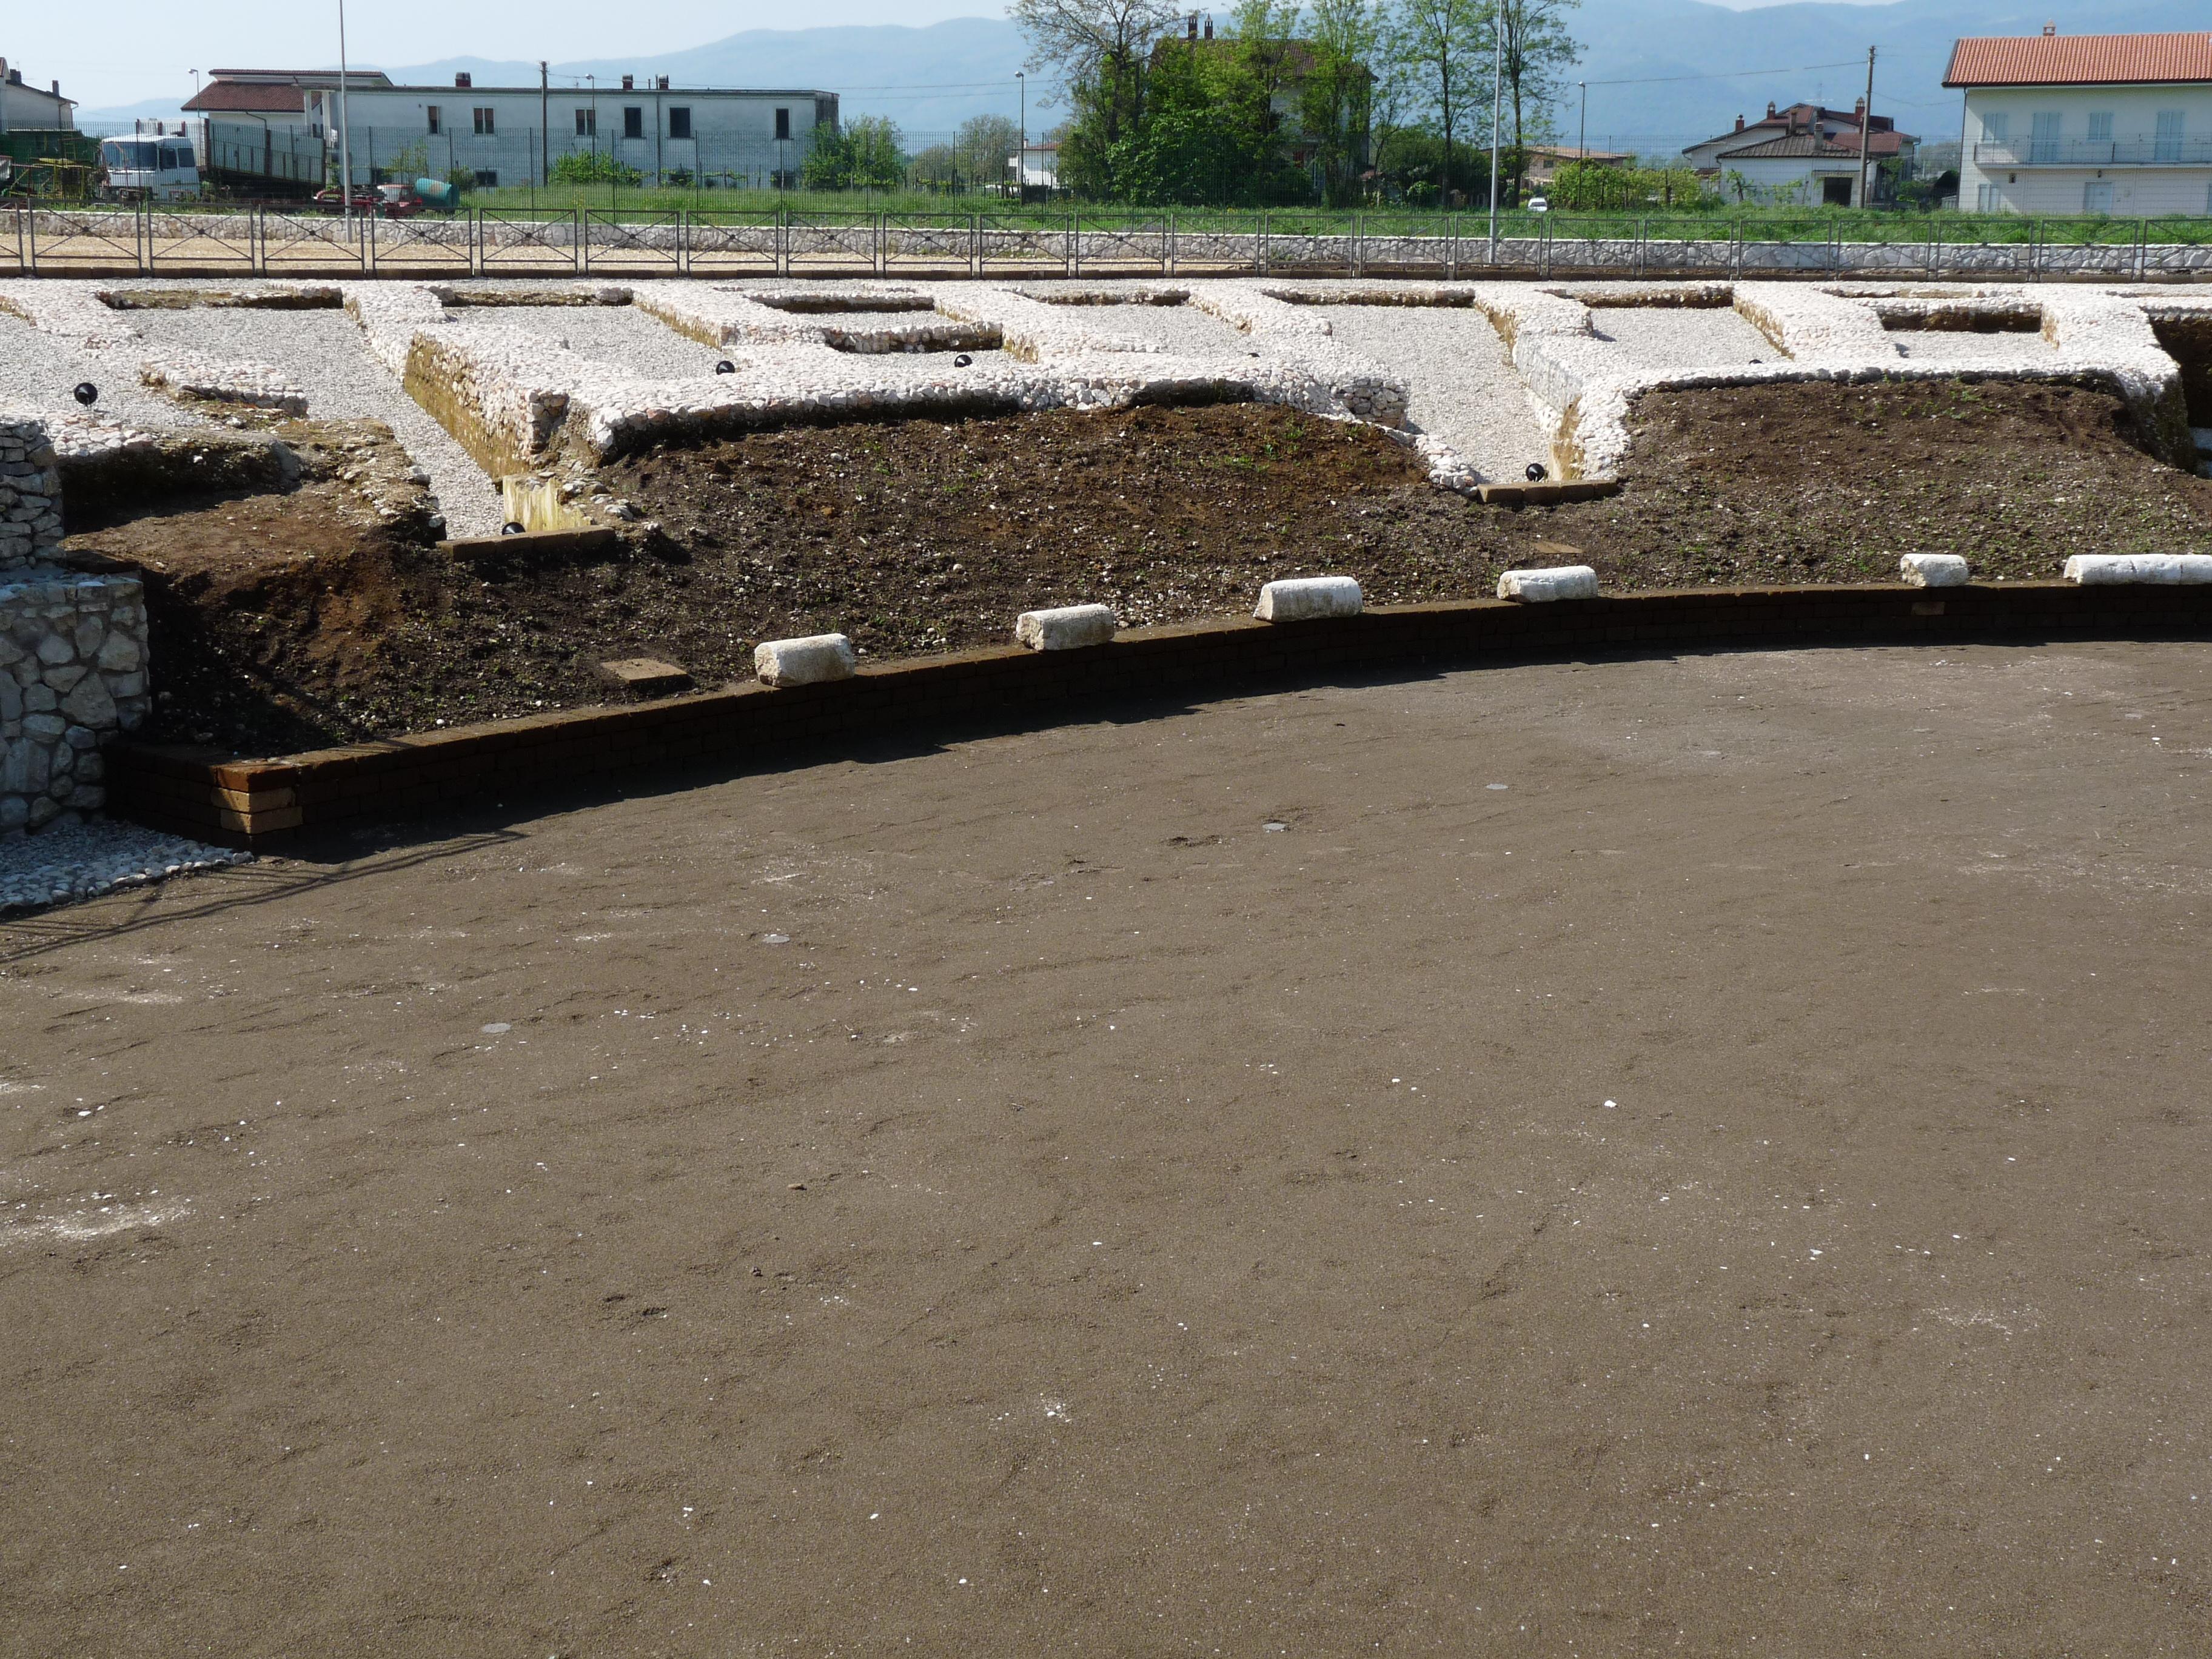 Anfiteatro romano - 09.04.25 (9).JPG